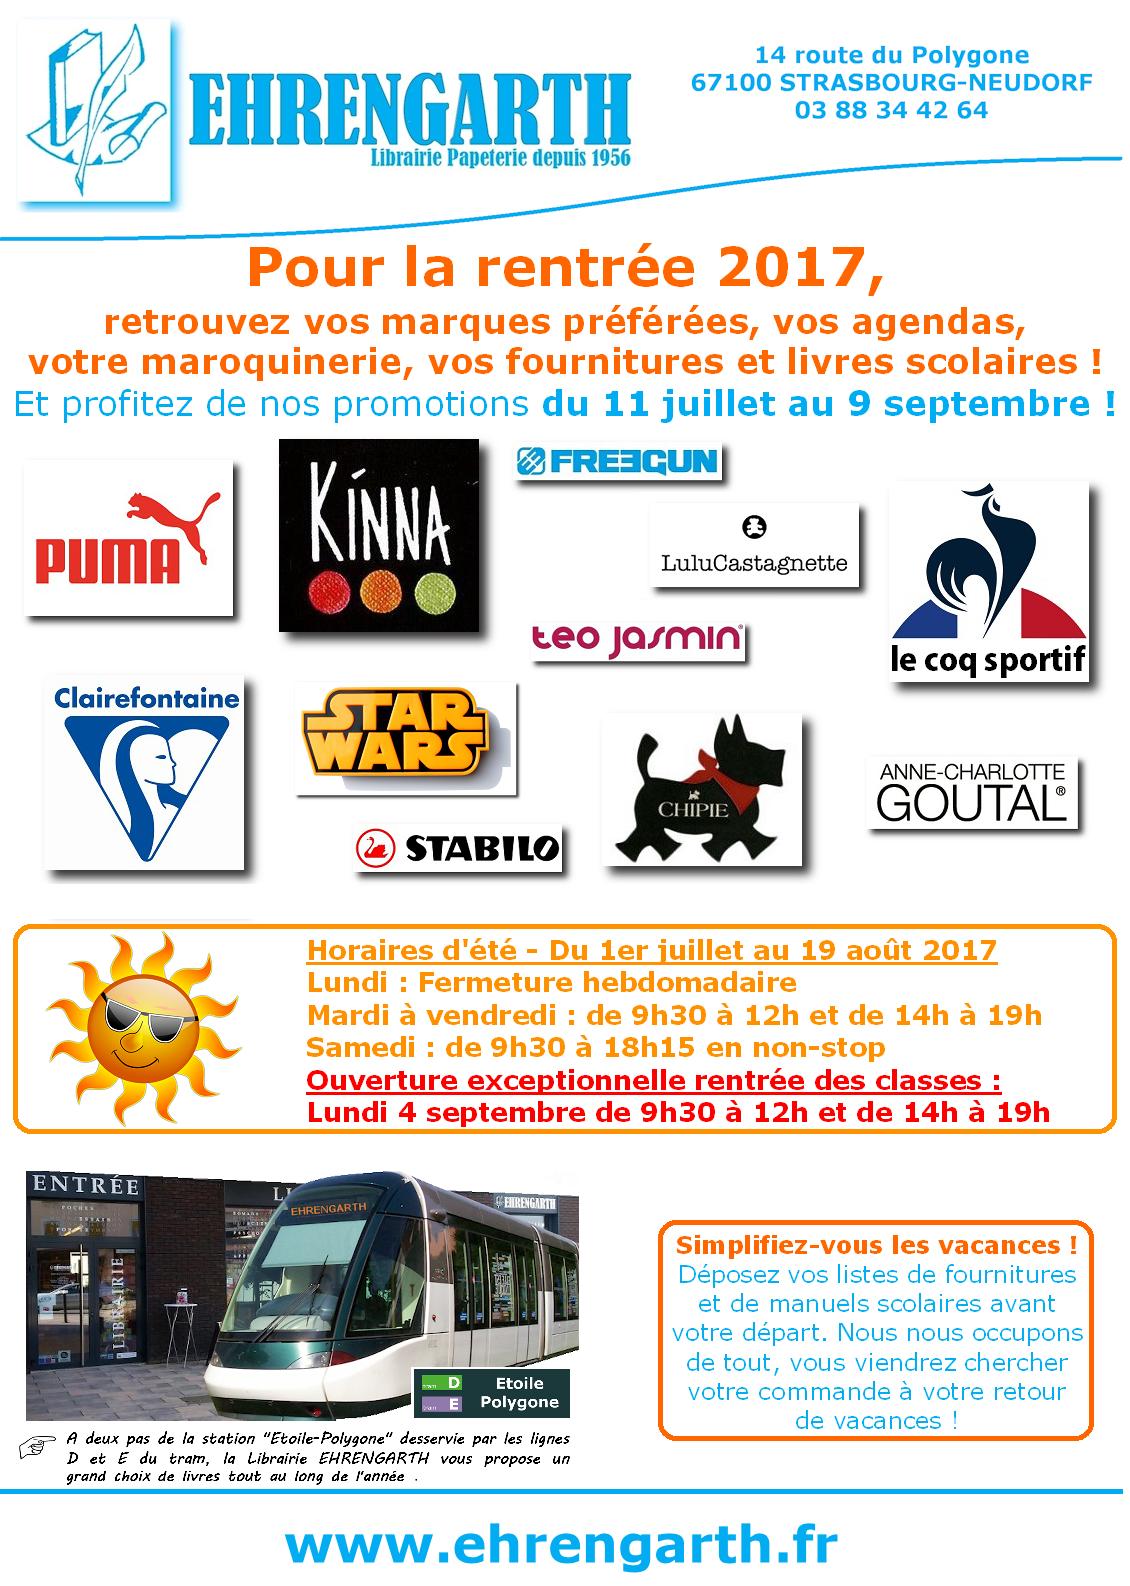 Promo 2017 p1